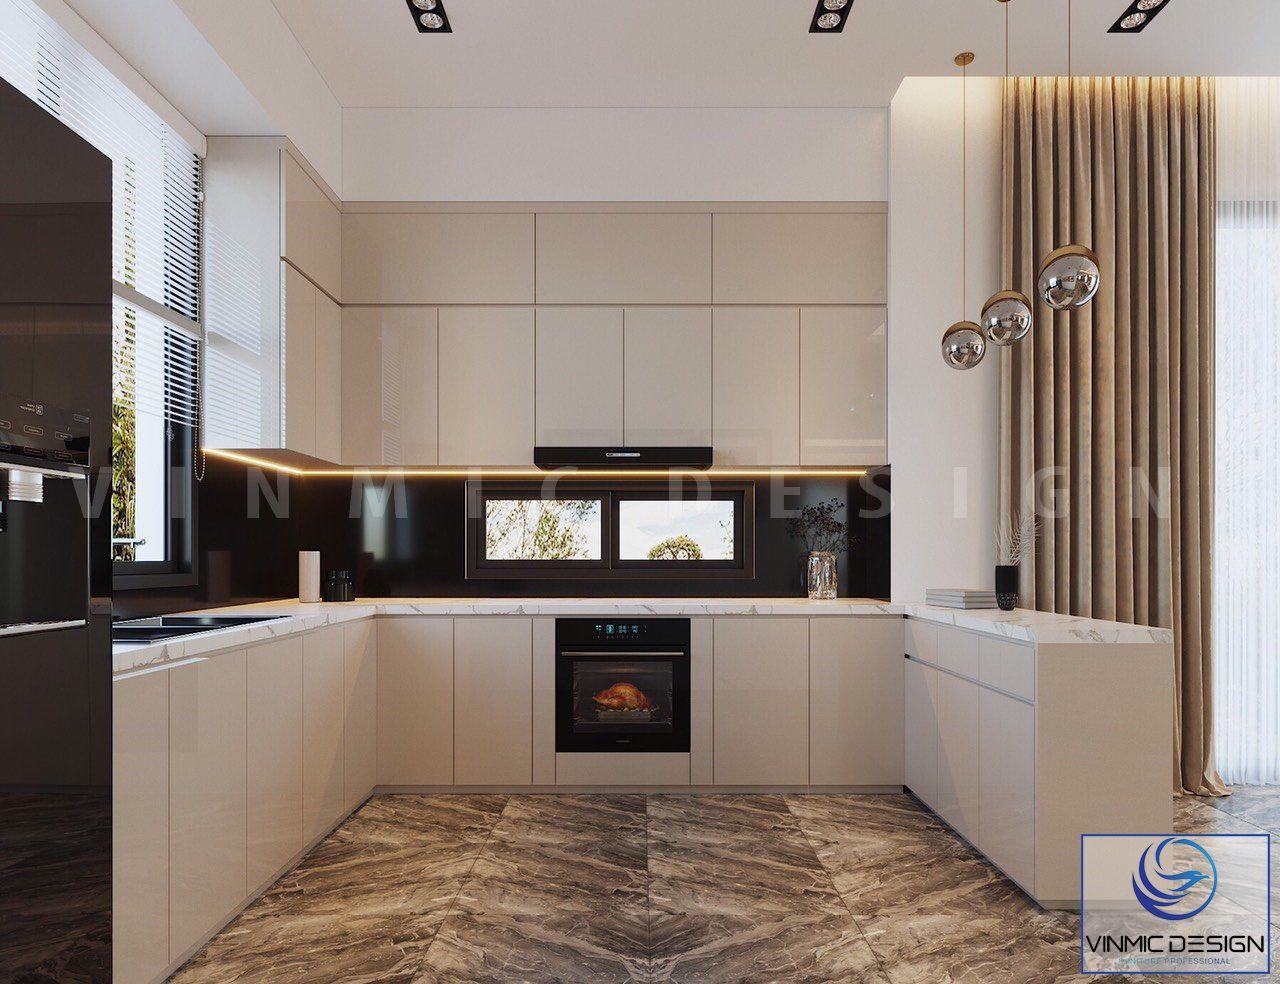 Thiết kế nội thất tủ bếp với tông màu trắng, chất liệu gỗ công nghiệp hiện đại